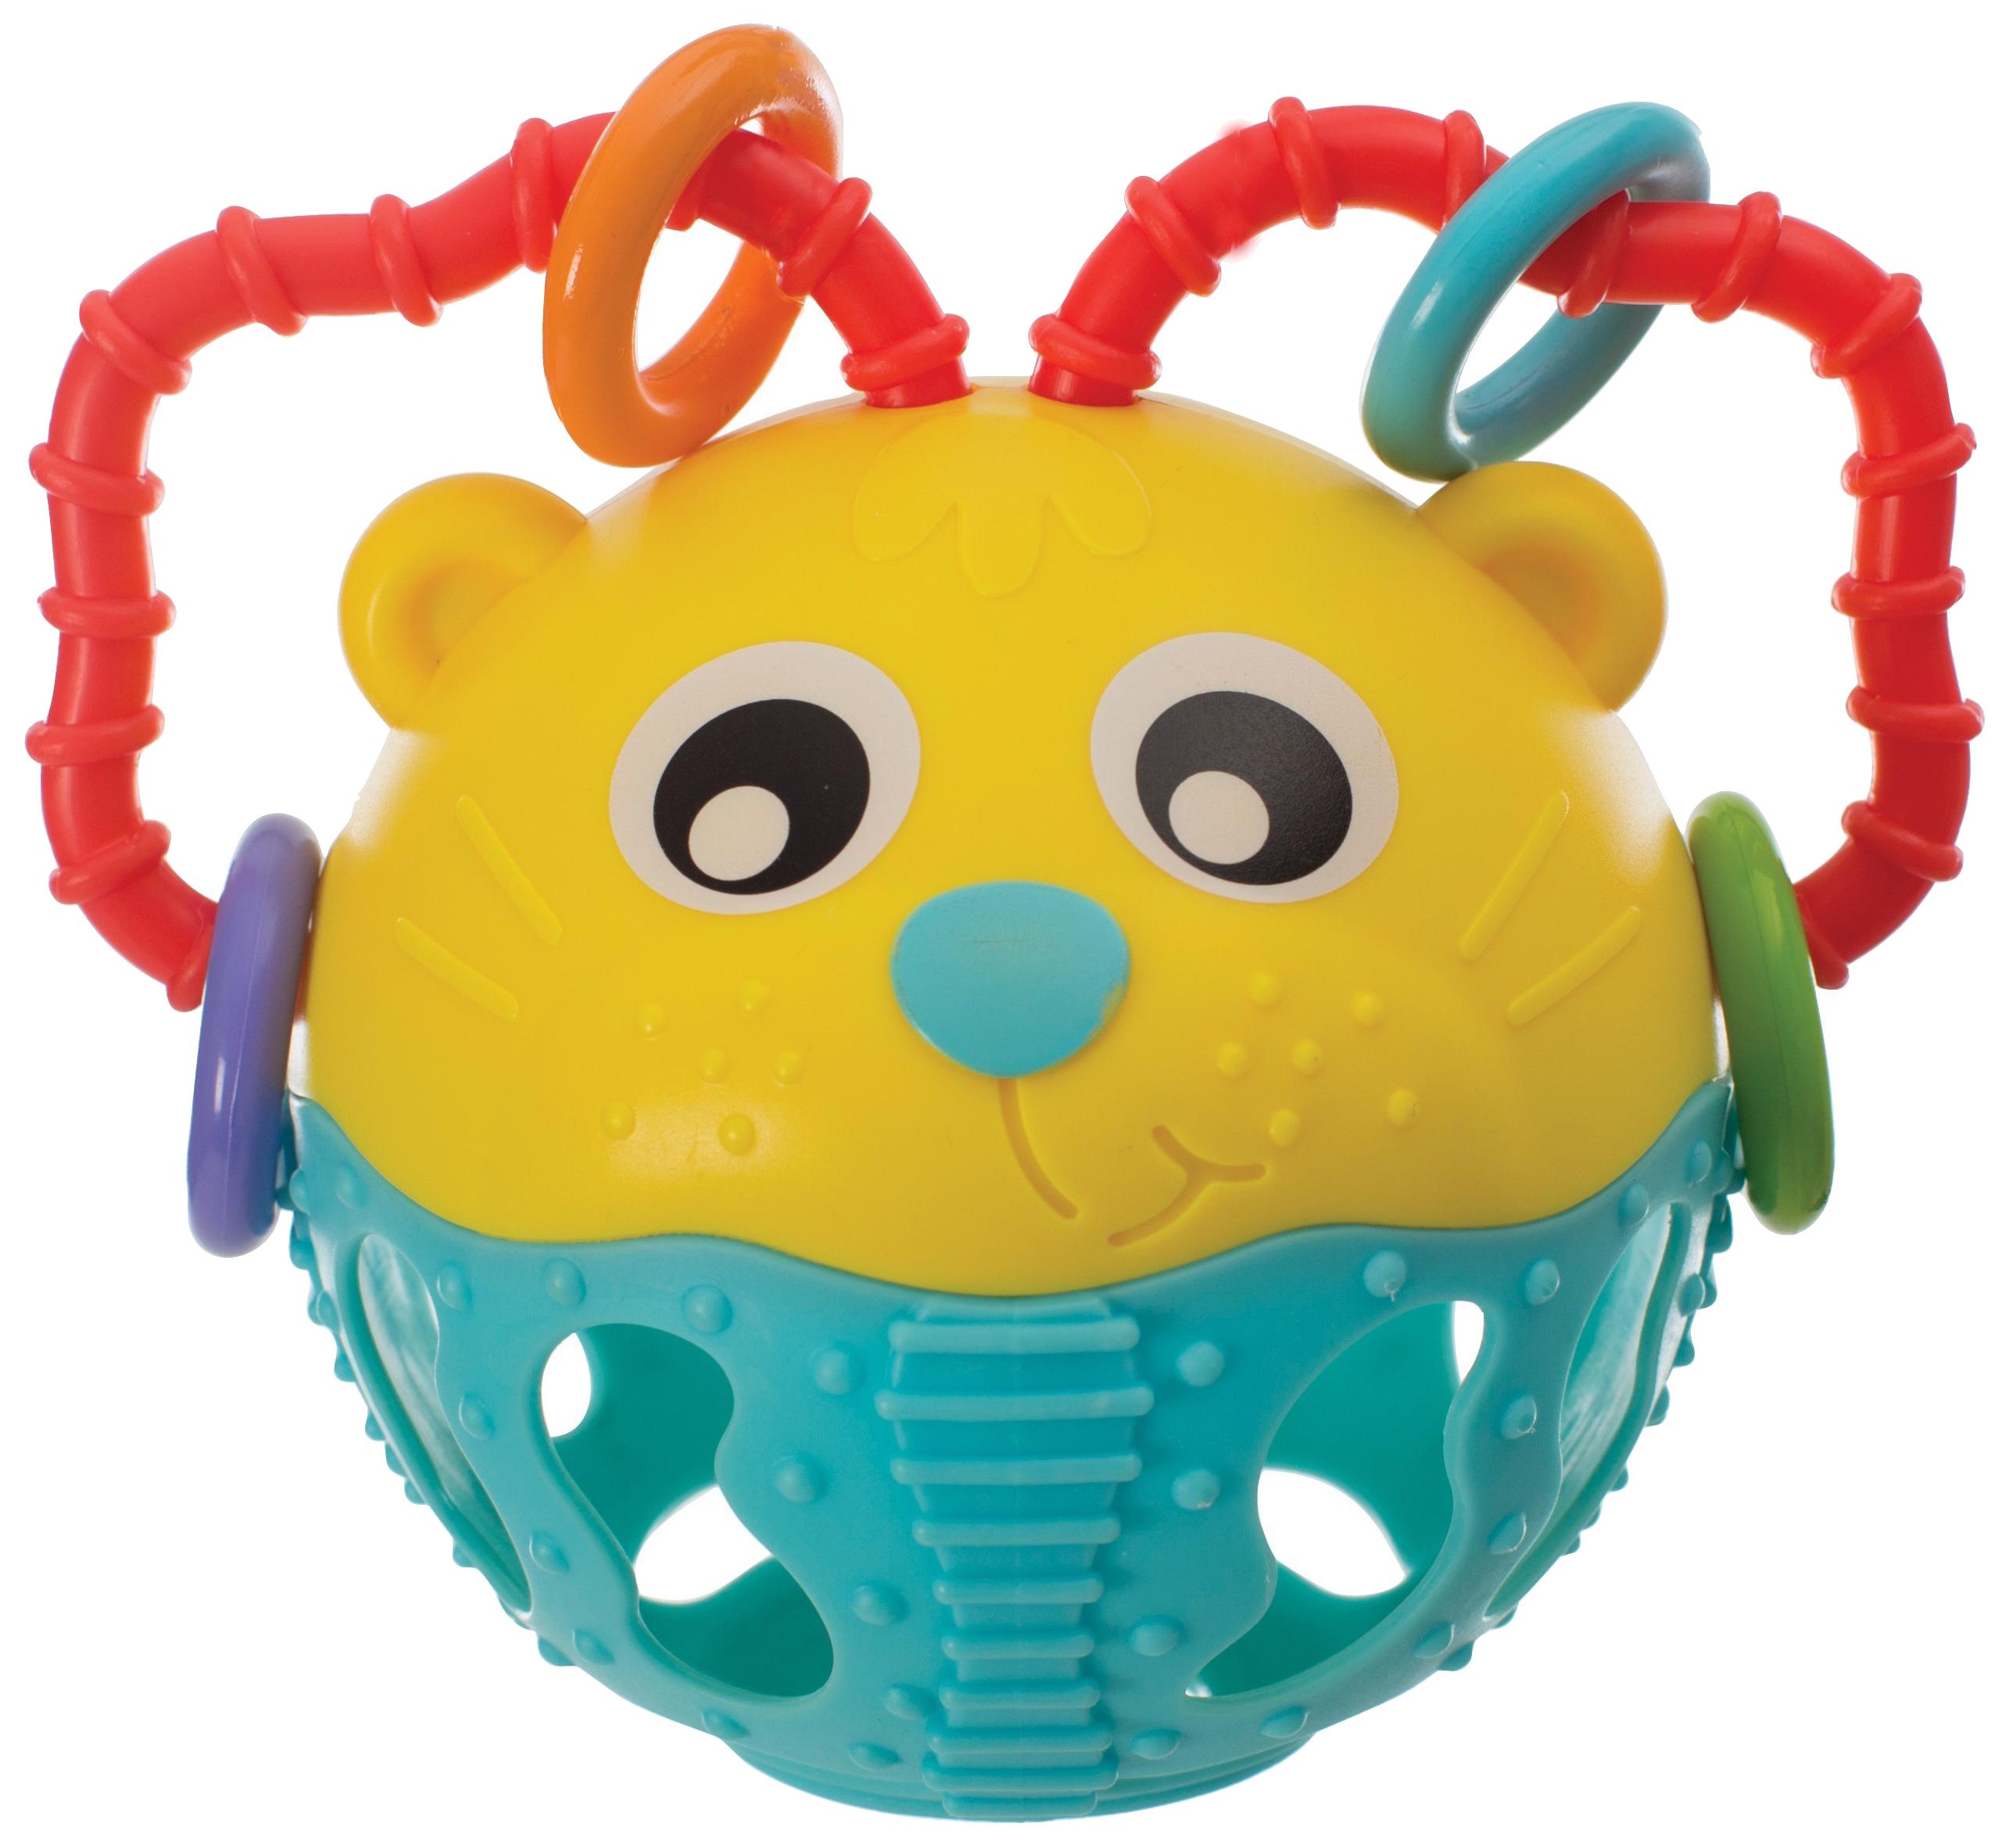 Купить Развивающая игрушка Playgro Погремушка Шар 4085488, Погремушки